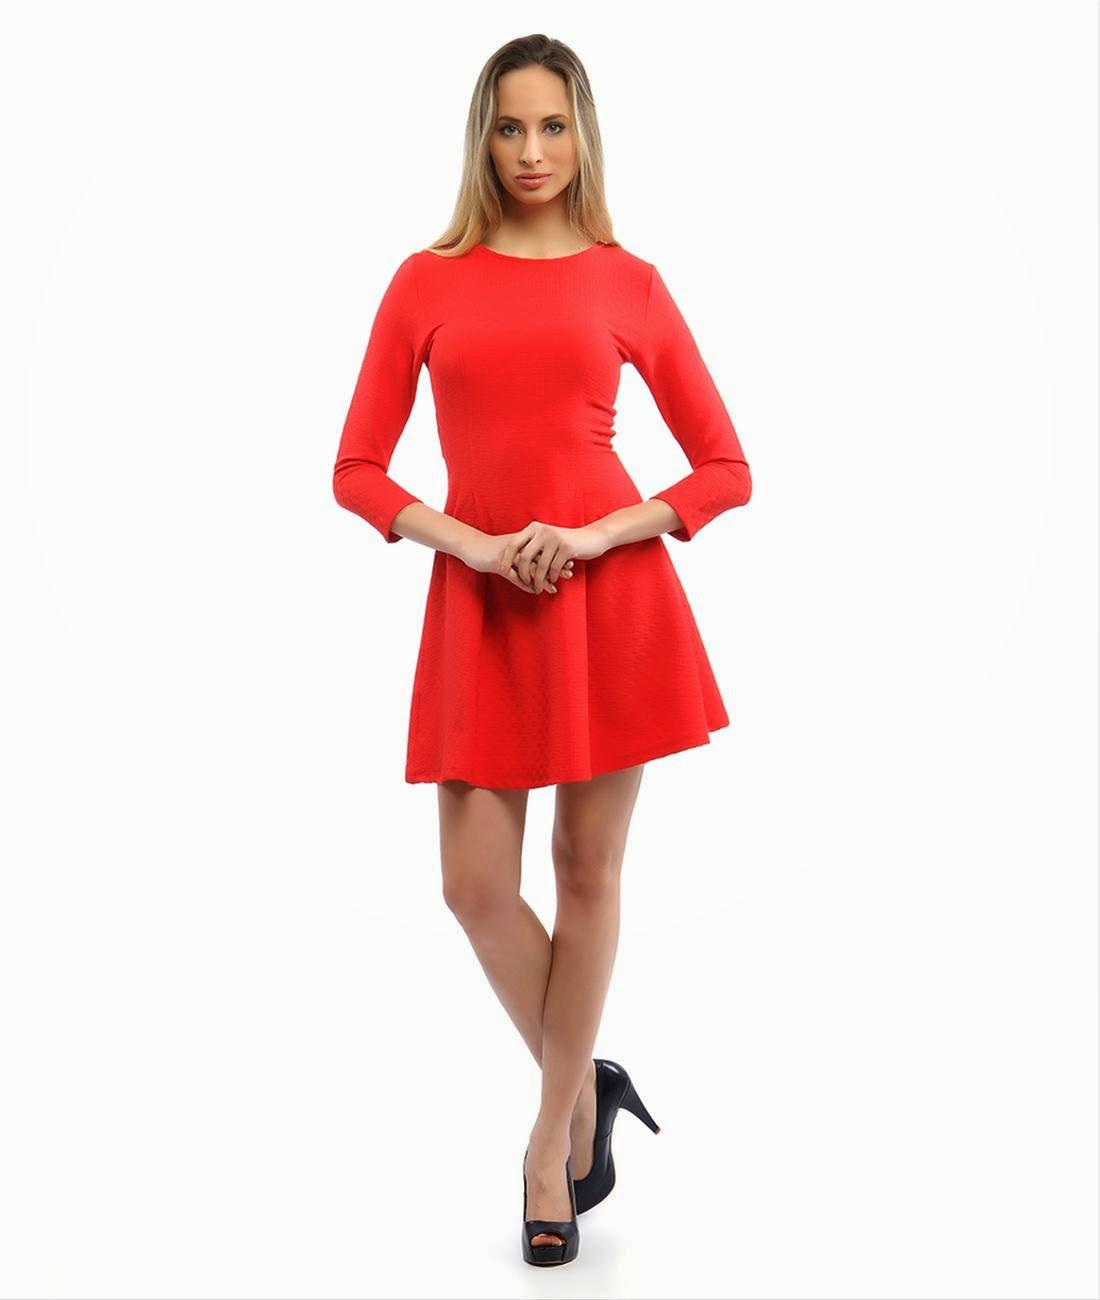 colleizone 2015 elbise modelleri - desenli elbise, elbise, 2015, uzun elbise, kısa elbise, günlük elbise, gece elbisesi, çizgili elbise, yazlık elbise, siyah elbise, kırmızı elbise